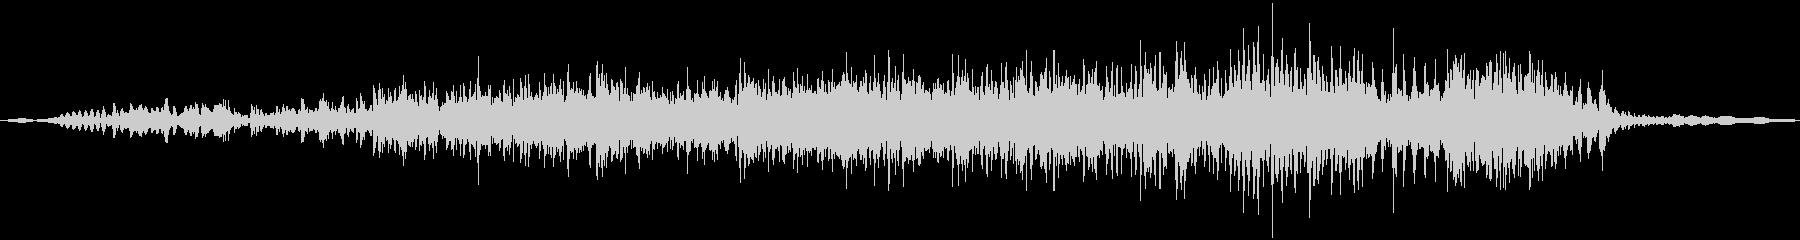 うりぼうの鳴き声の未再生の波形